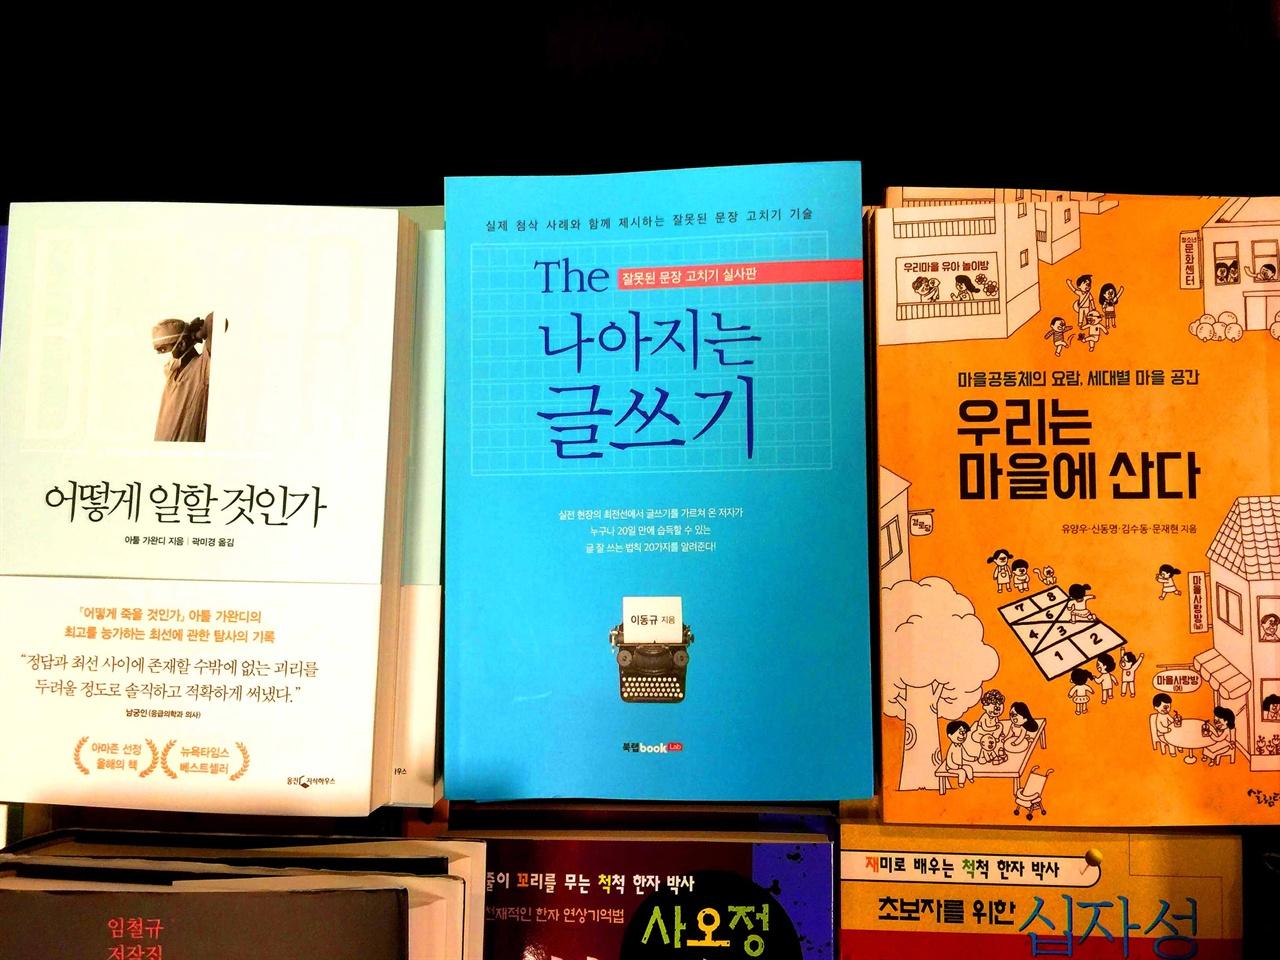 신간 《The 나아지는 글쓰기》 책 교보문고 인문 신간 코너 평대